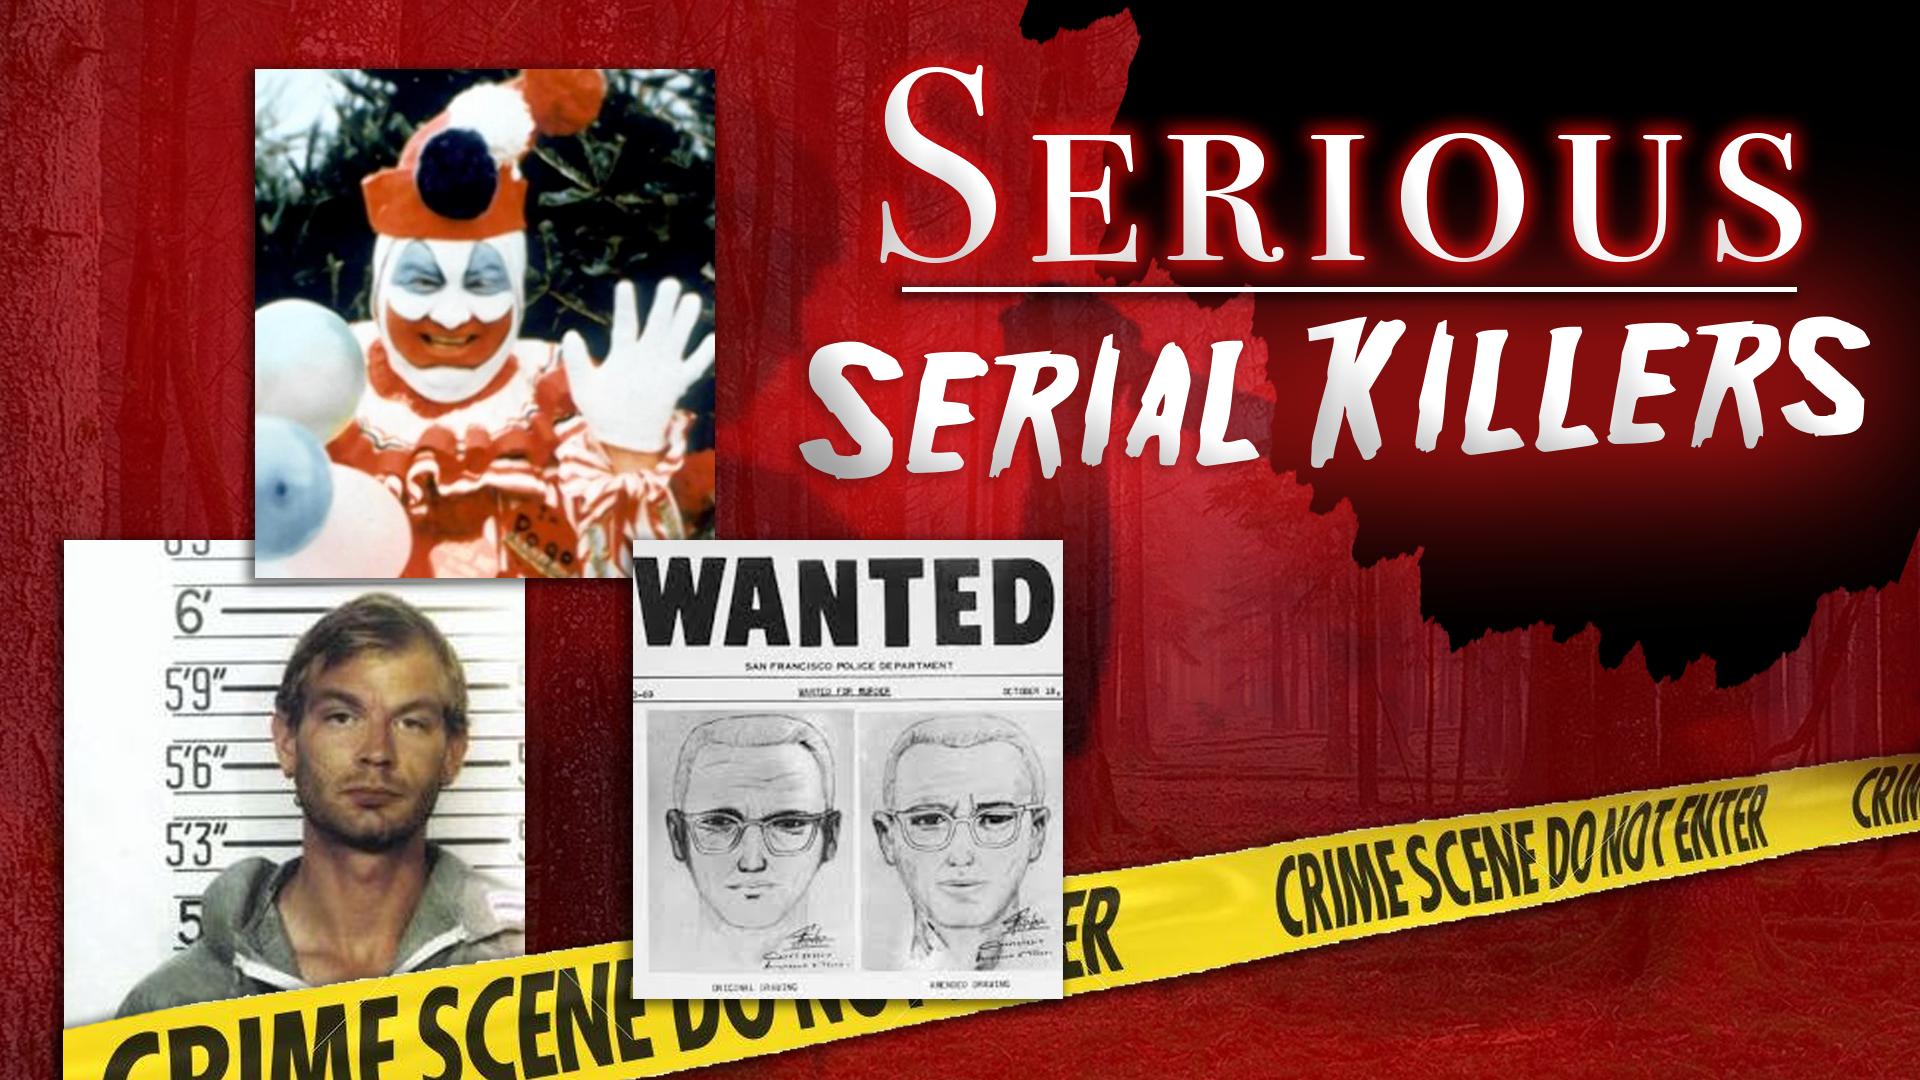 Serious Serial Killers